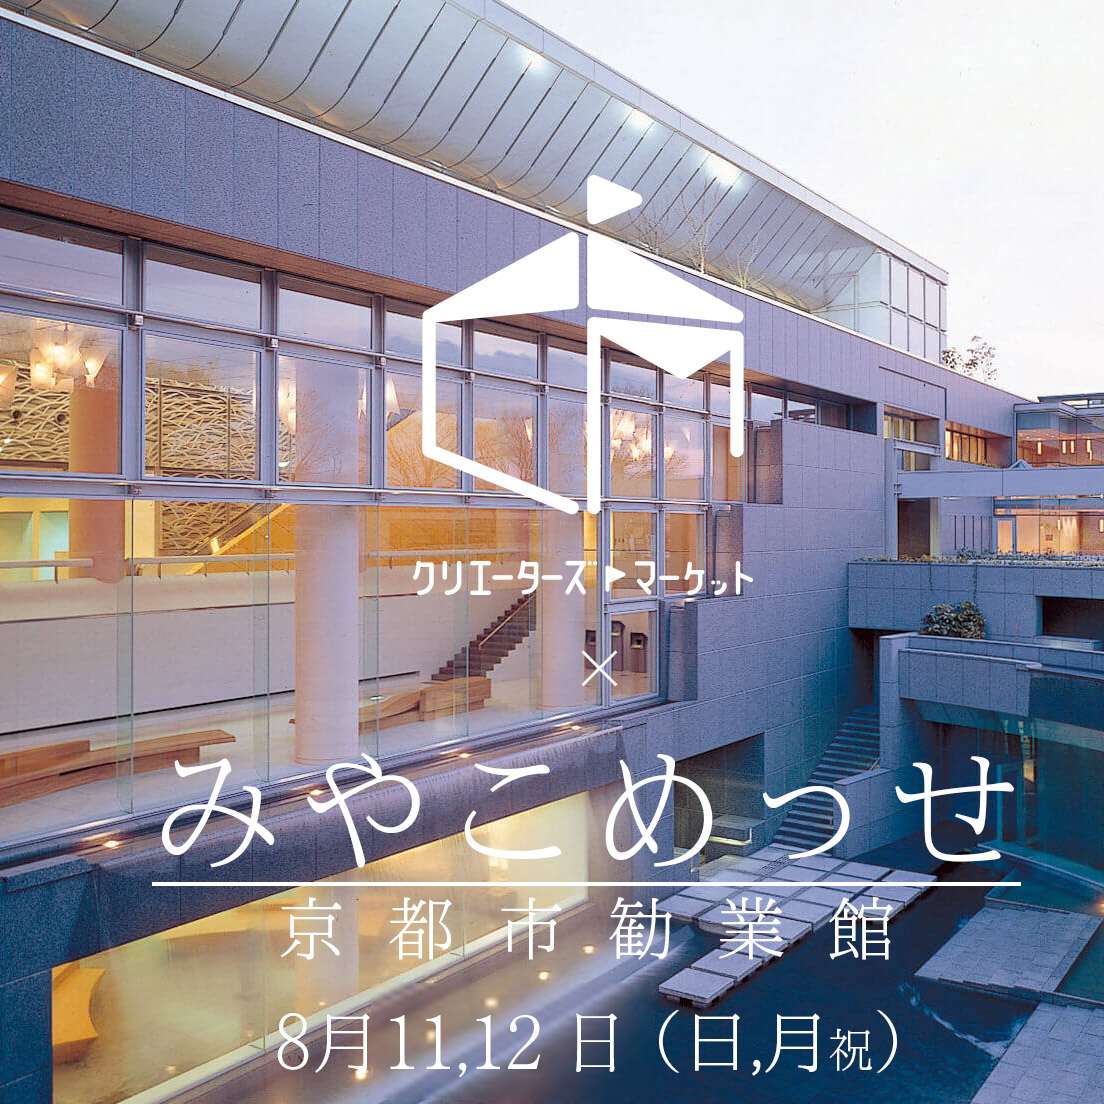 「クリエーターズマーケット in 京都」8月11日(土)・12日(月・祝) 出店決定!!